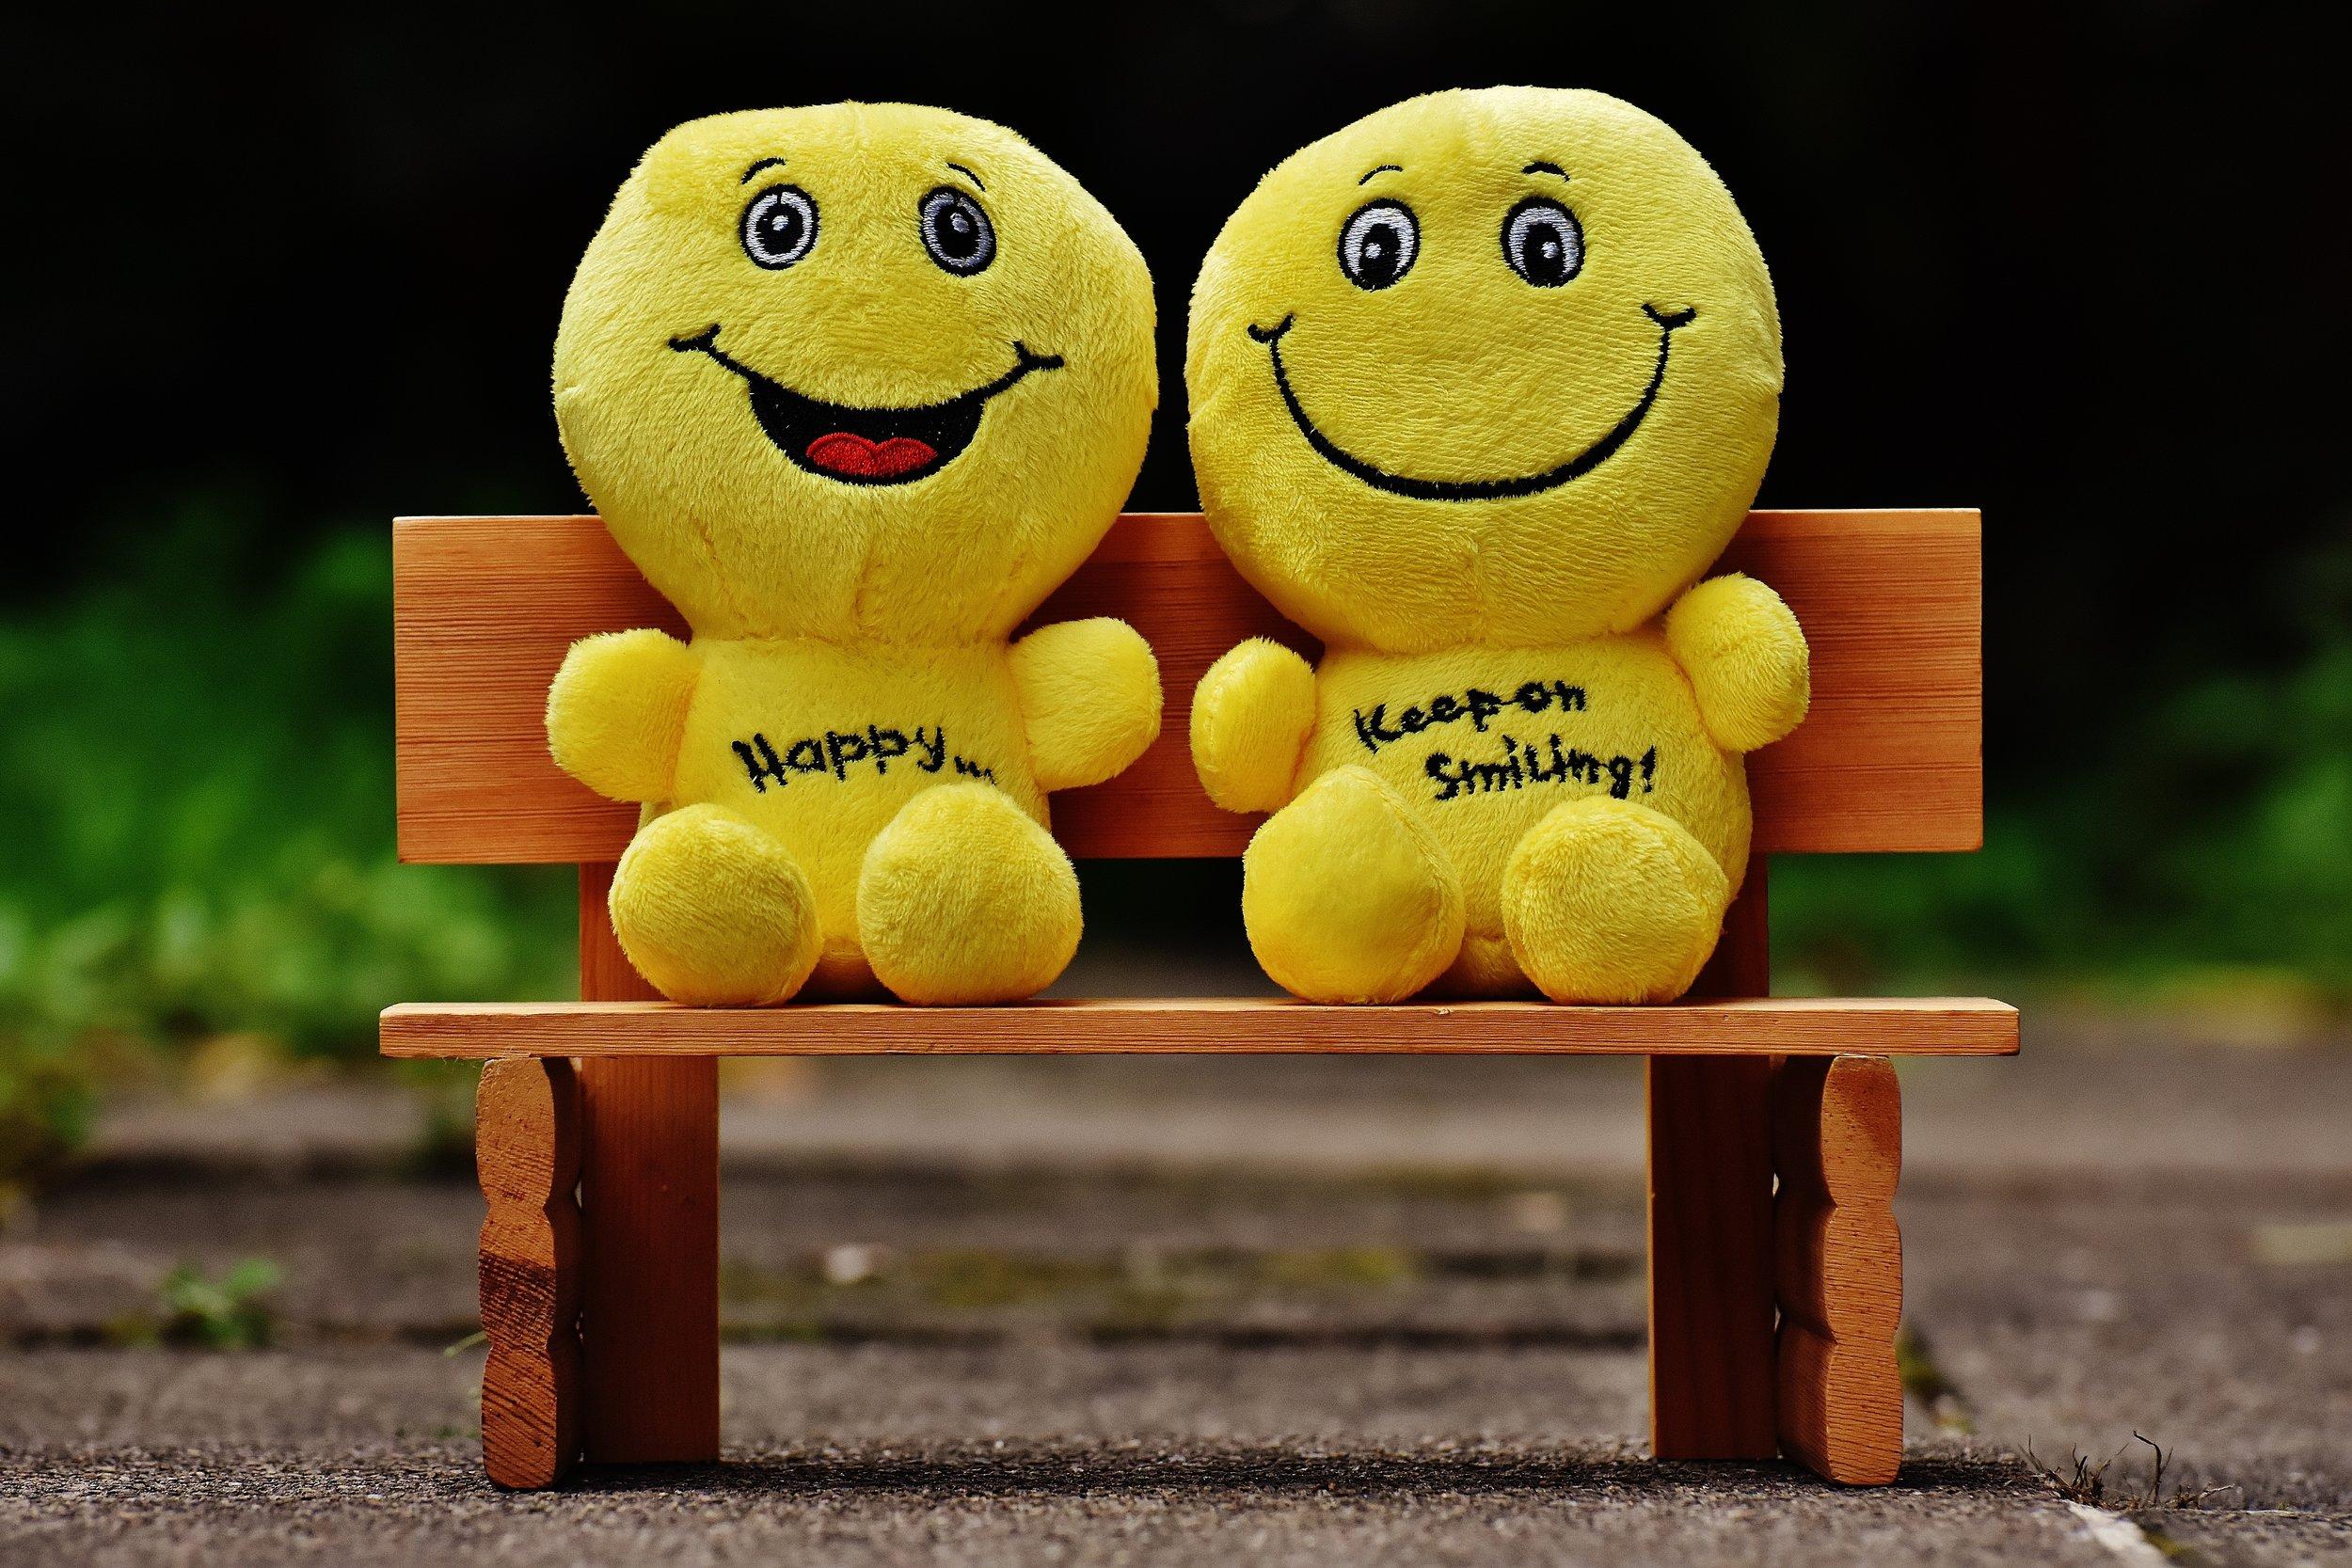 Smile! Live! -